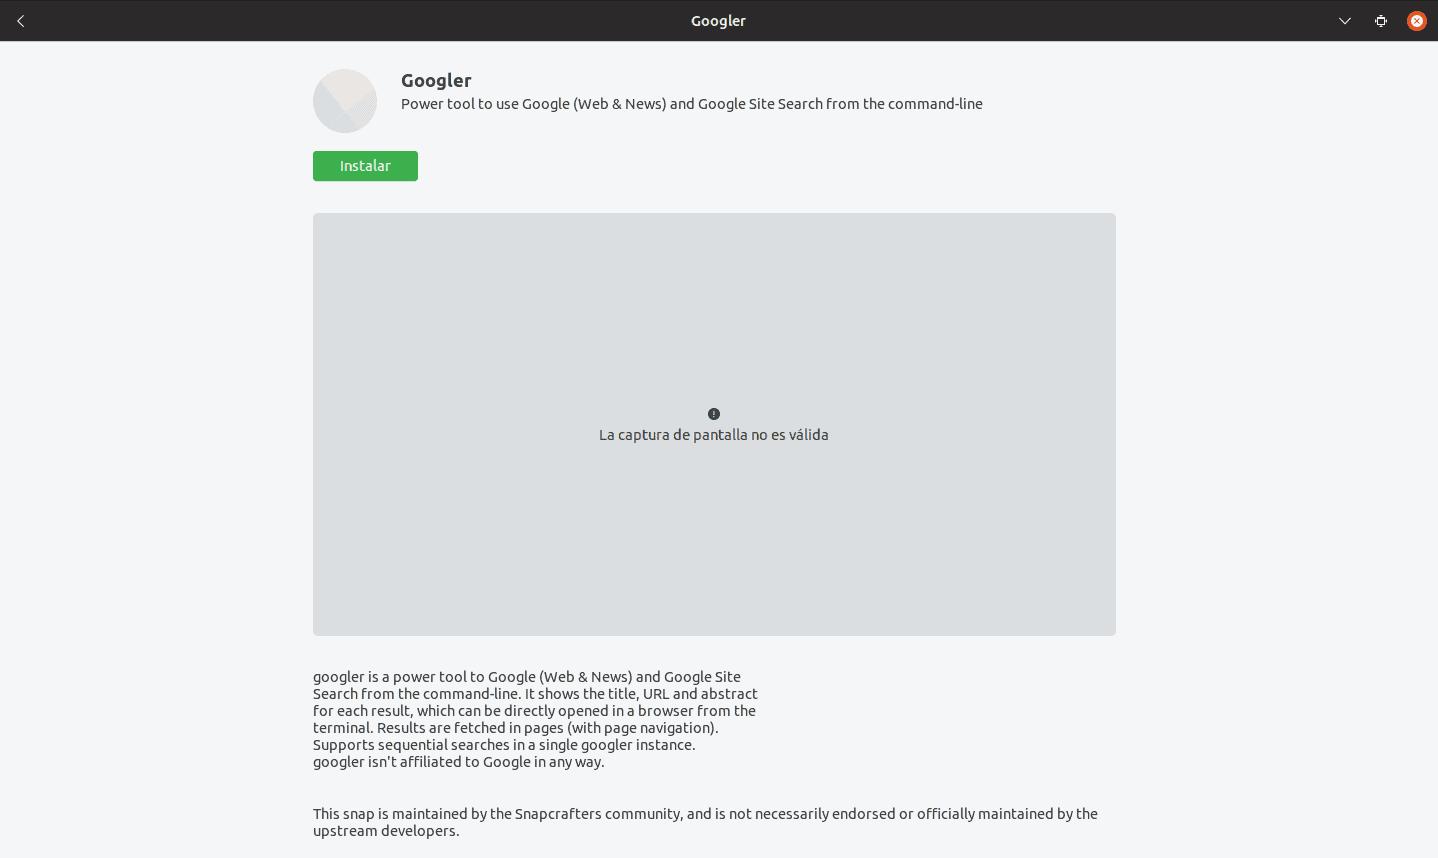 instalación de googler desde la opción de software